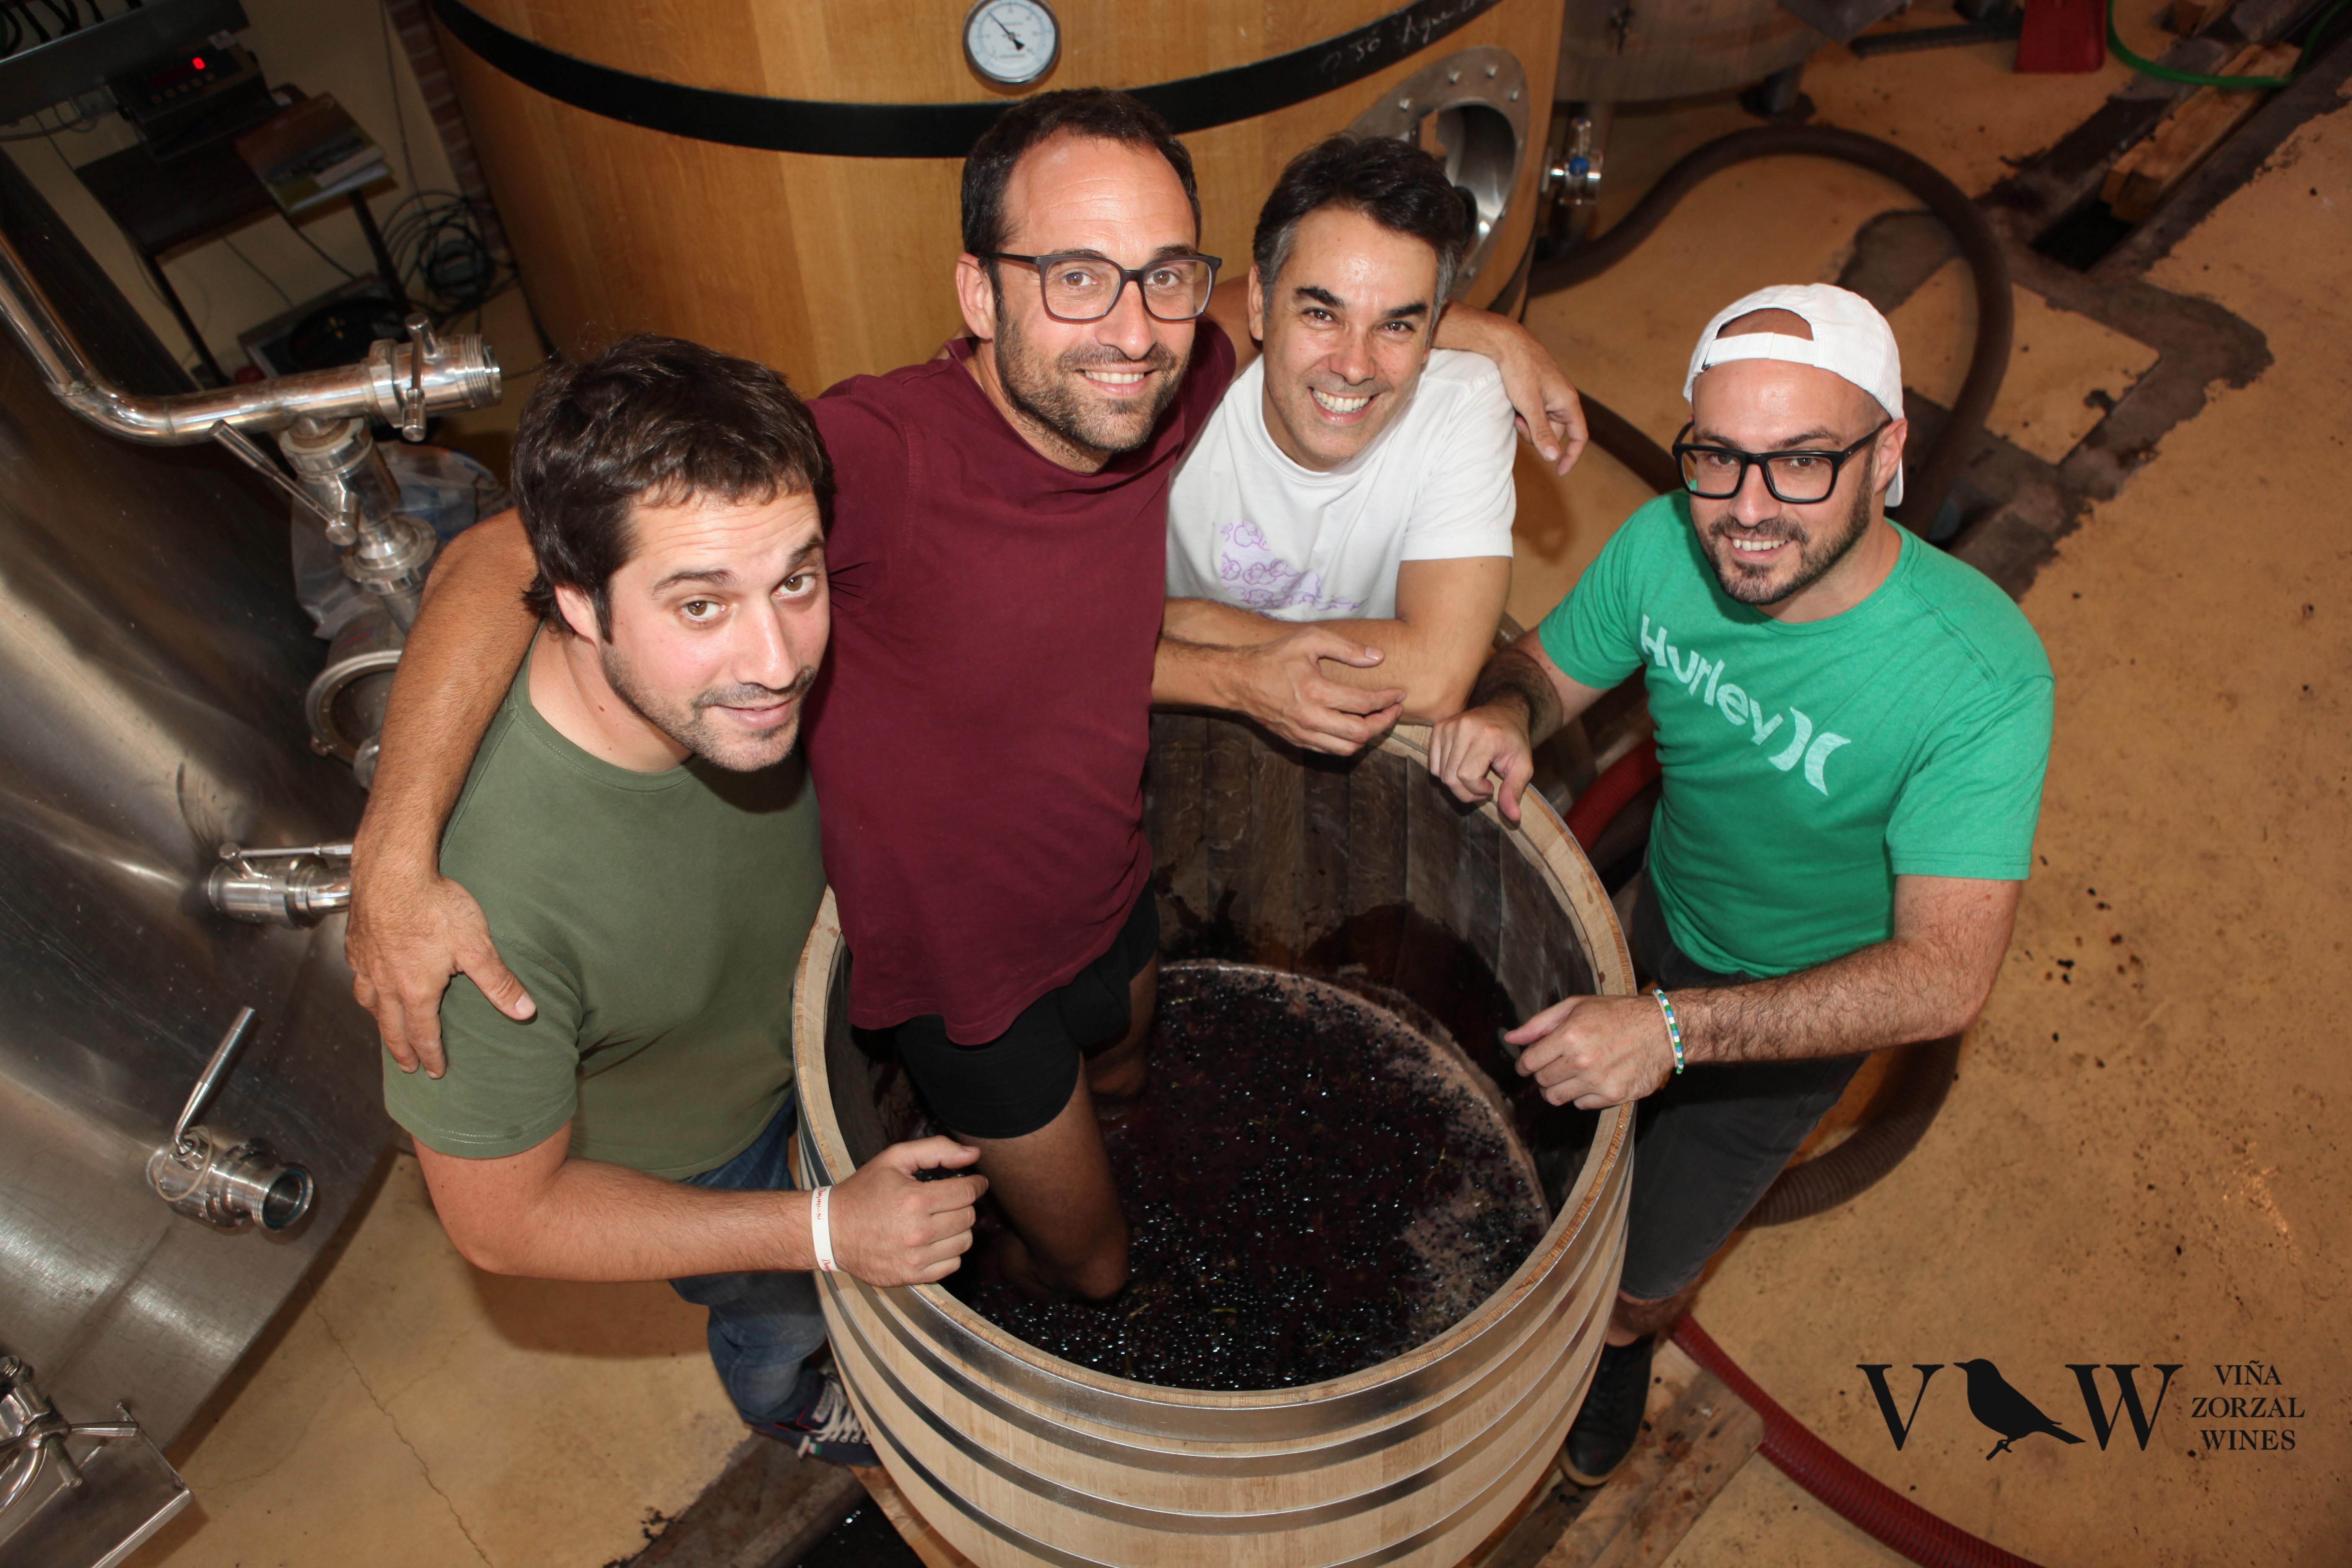 REVERTE: nuevos vinos de finca de Viña Zorzal Wines